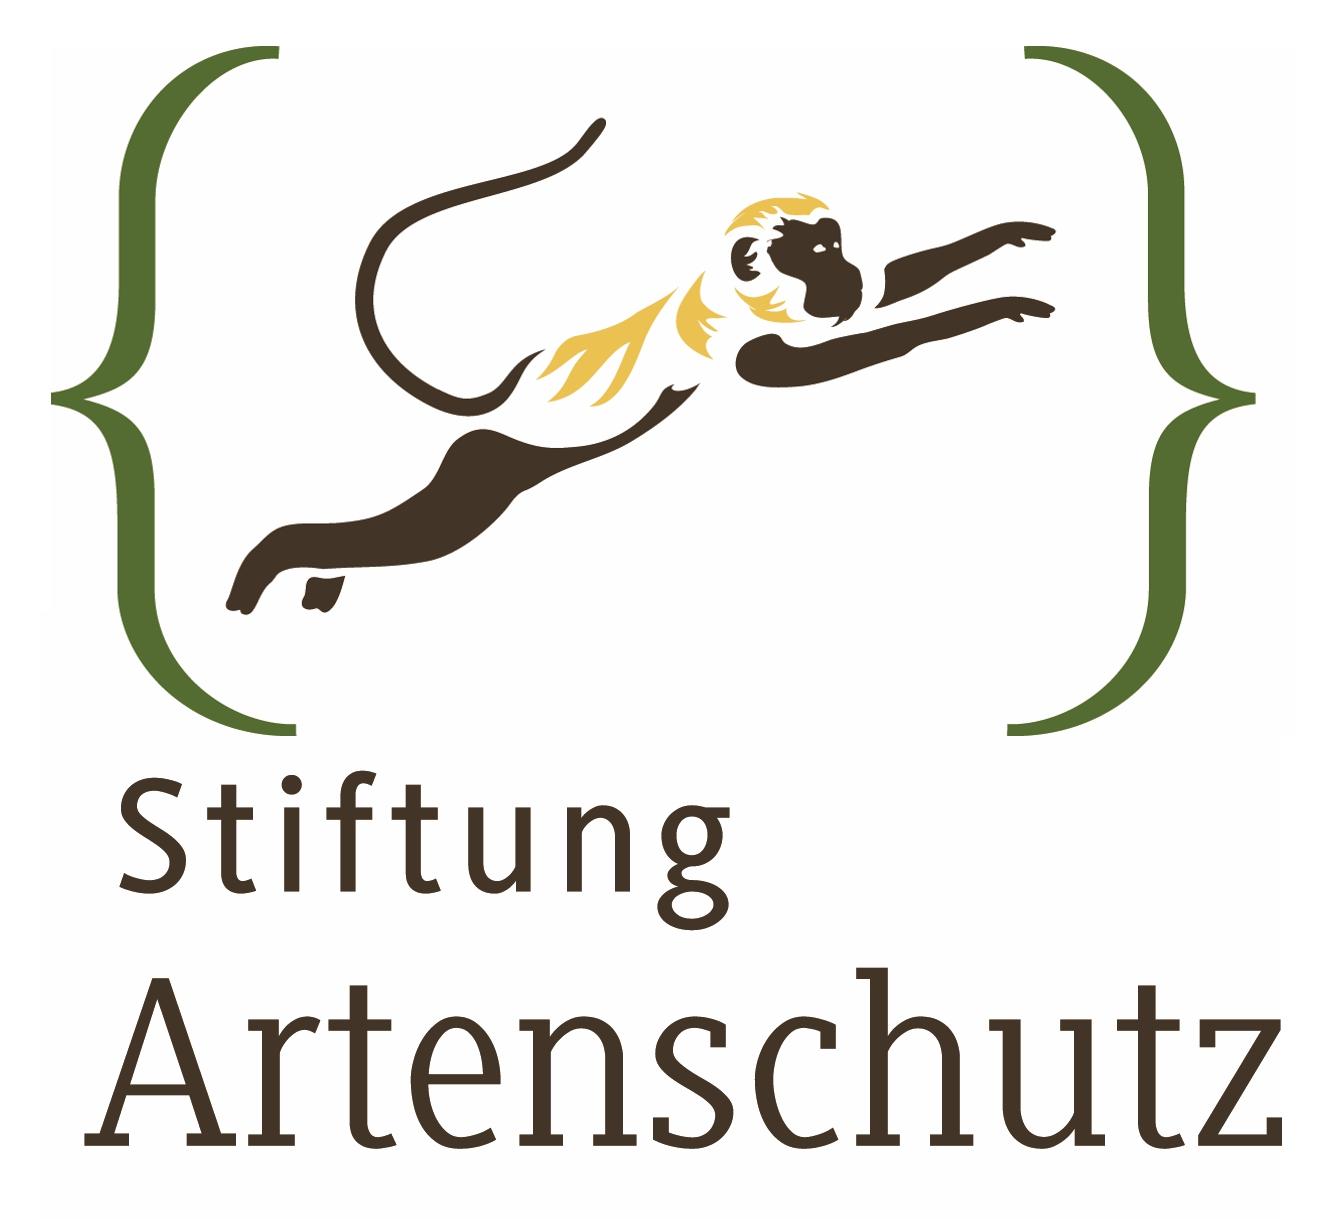 Stiftung Artenschutz Logo